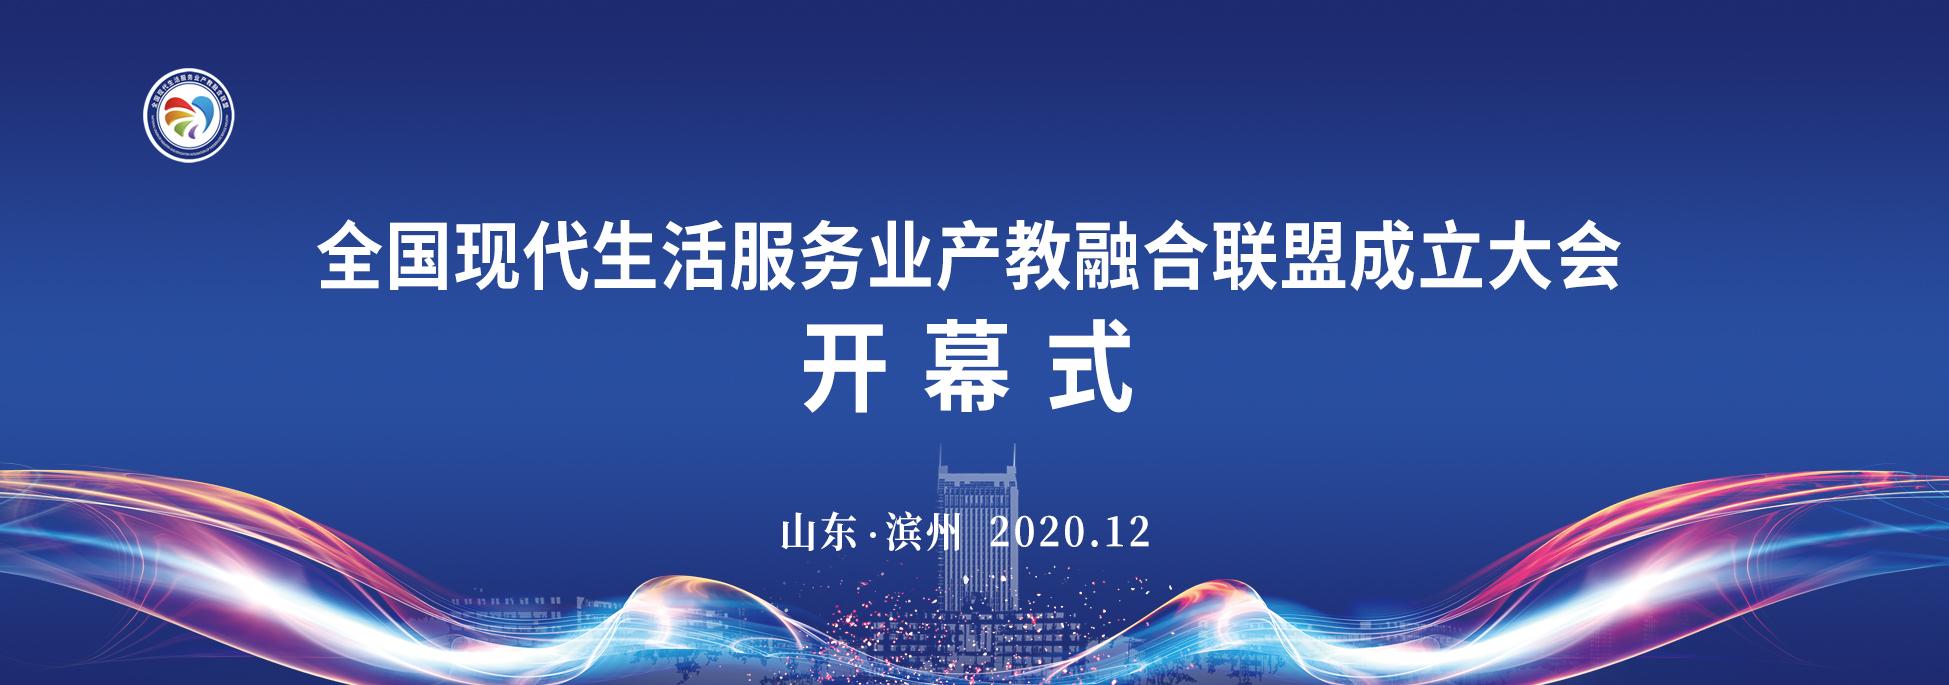 濱州網直播 全國現代生活服務業產教融合聯盟成立大會